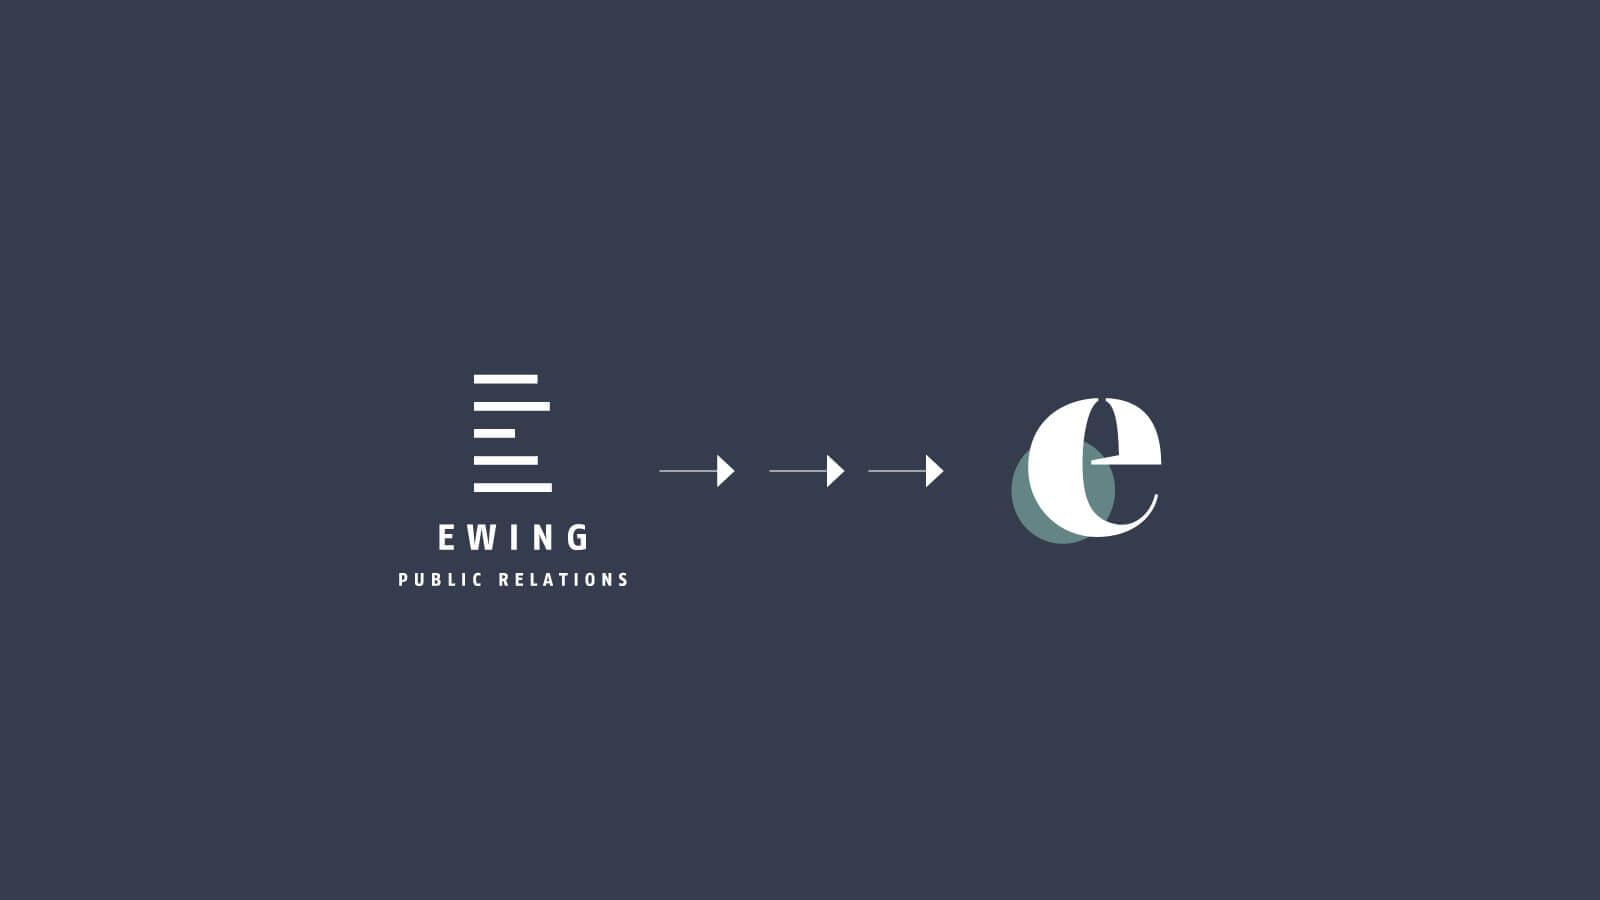 Ewing Public Relations už je jen Ewing